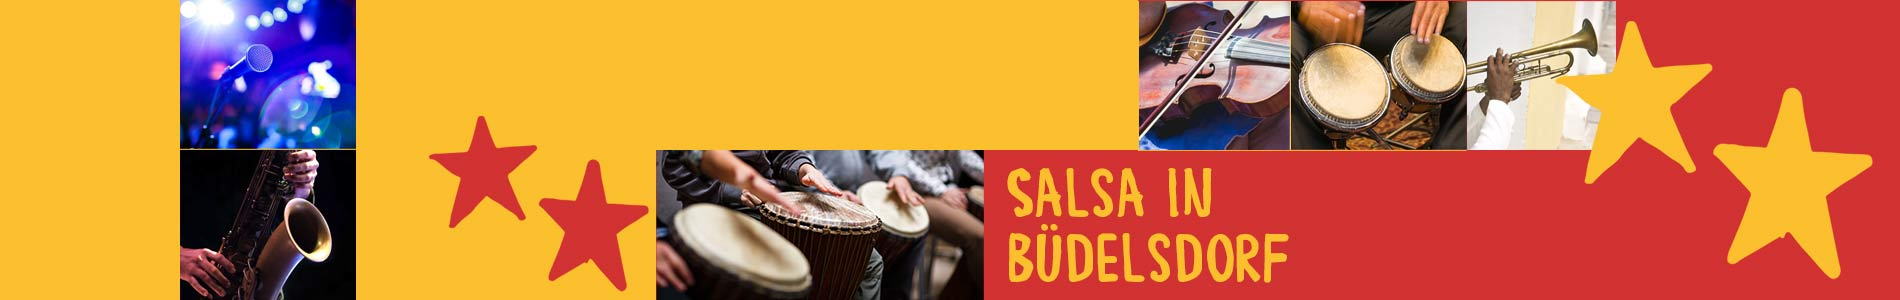 Salsa in Büdelsdorf – Salsa lernen und tanzen, Tanzkurse, Partys, Veranstaltungen